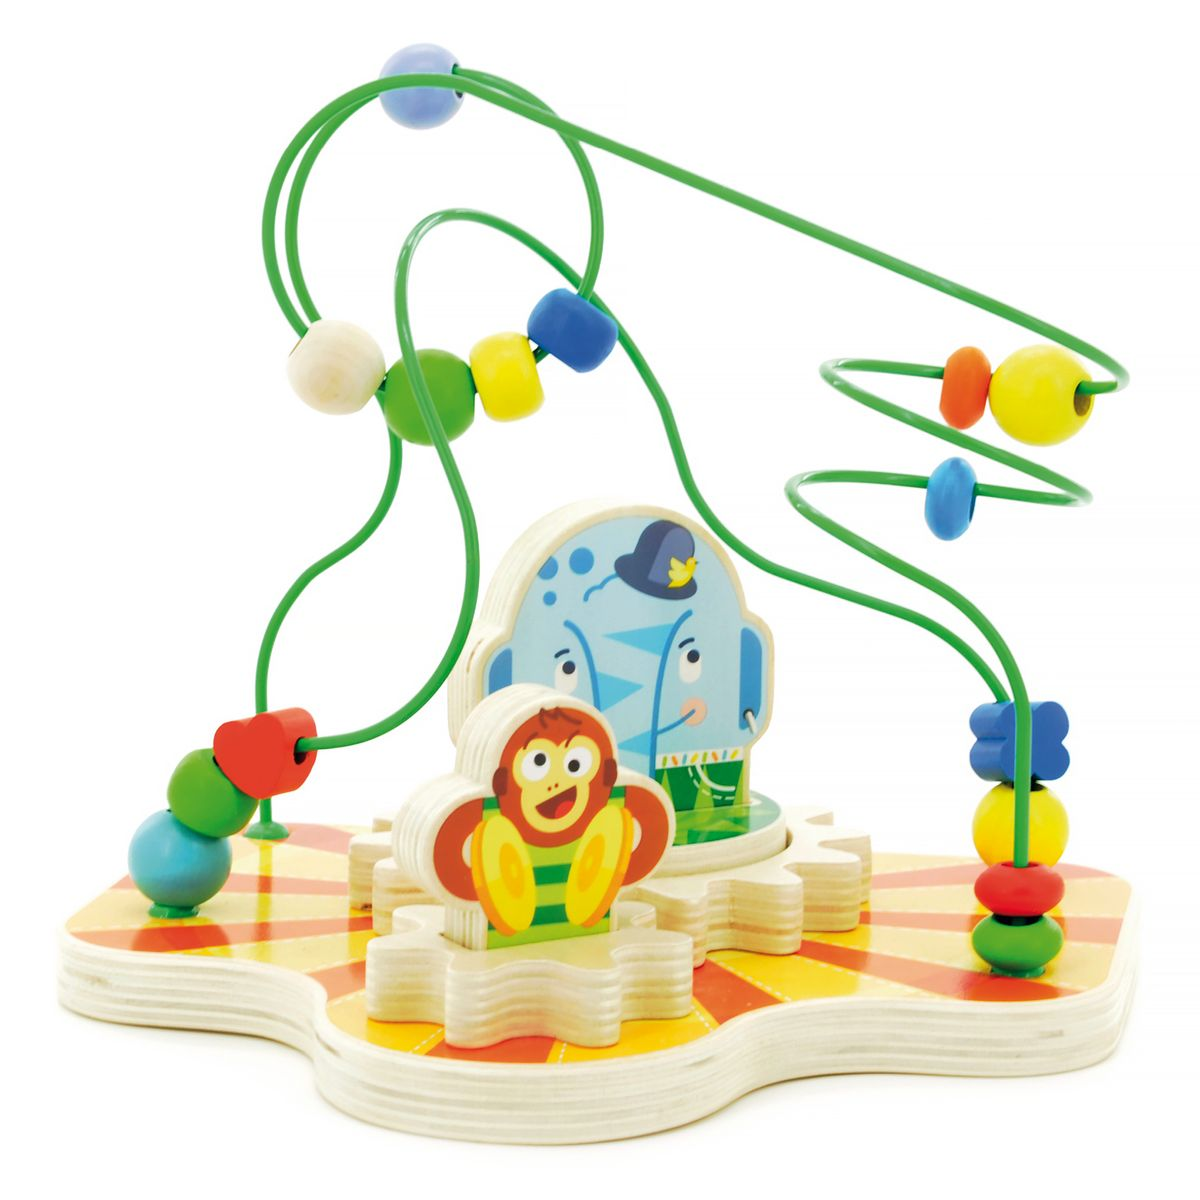 Мир деревянных игрушек Сортер-лабиринт Цирк игрушка мир деревянных игрушек лабиринт каталка обезьяна д357